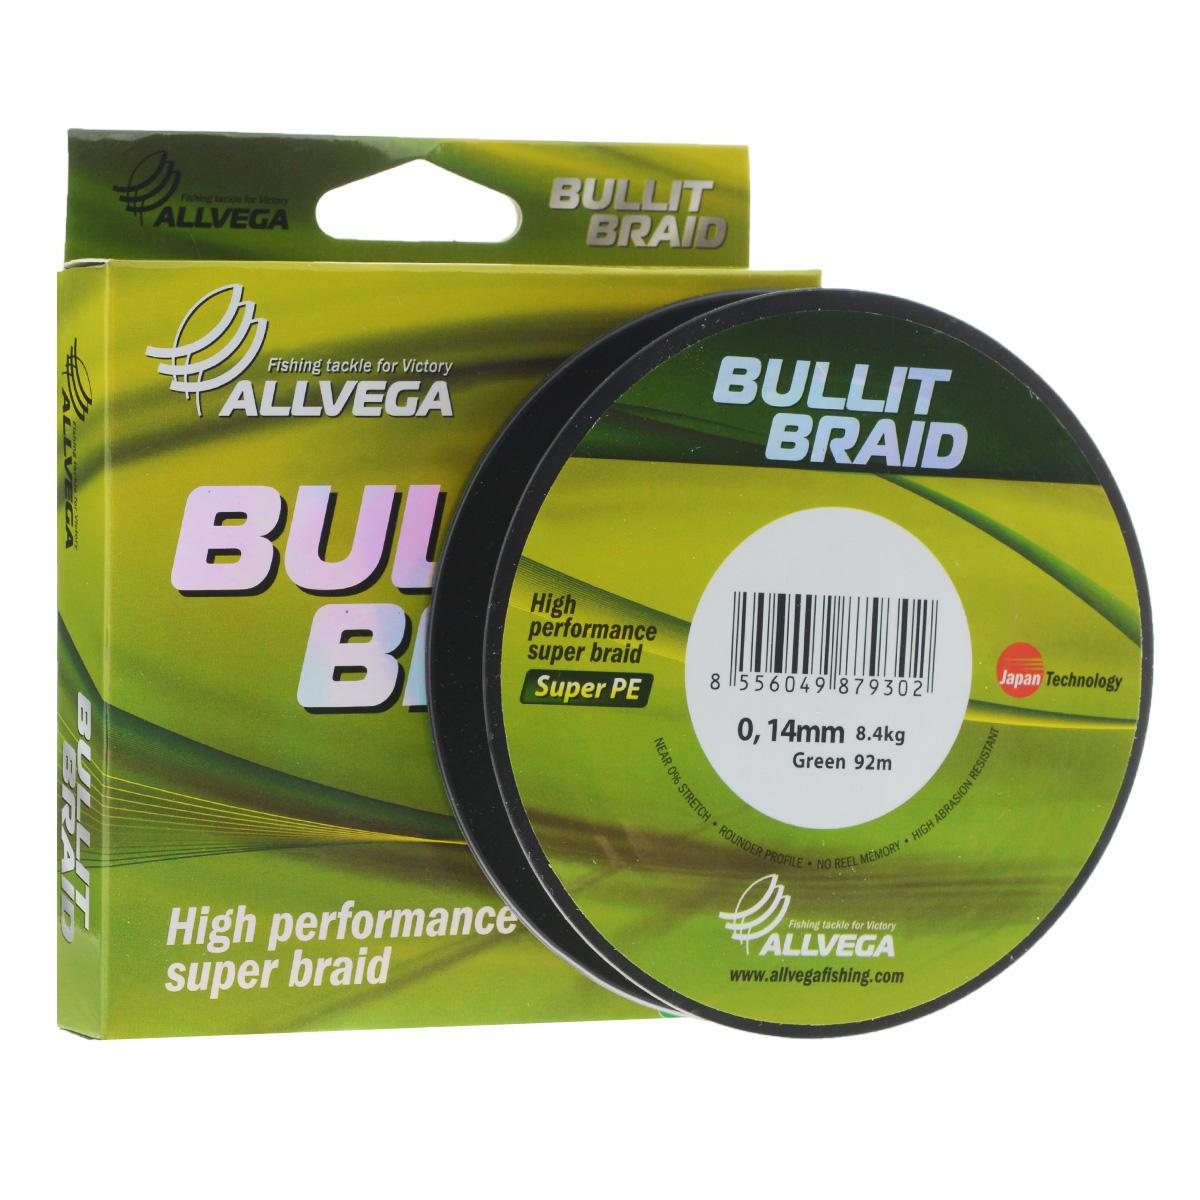 Леска плетеная Allvega Bullit Braid, цвет: темно-зеленый, 92 м, 0,14 мм, 8,4 кг21421Леска Allvega Bullit Braid с гладкой поверхностью и одинаковым сечением по всей длине обладает высокой износостойкостью. Благодаря микроволокнам полиэтилена (Super PE) леска имеет очень плотное плетение и не впитывает воду. Леску Allvega Bullit Braid можно применять в любых типах водоемов. Особенности: повышенная износостойкость; высокая чувствительность - коэффициент растяжения близок к нулю; отсутствует память; идеально гладкая поверхность позволяет увеличить дальность забросов; высокая прочность шнура на узлах.